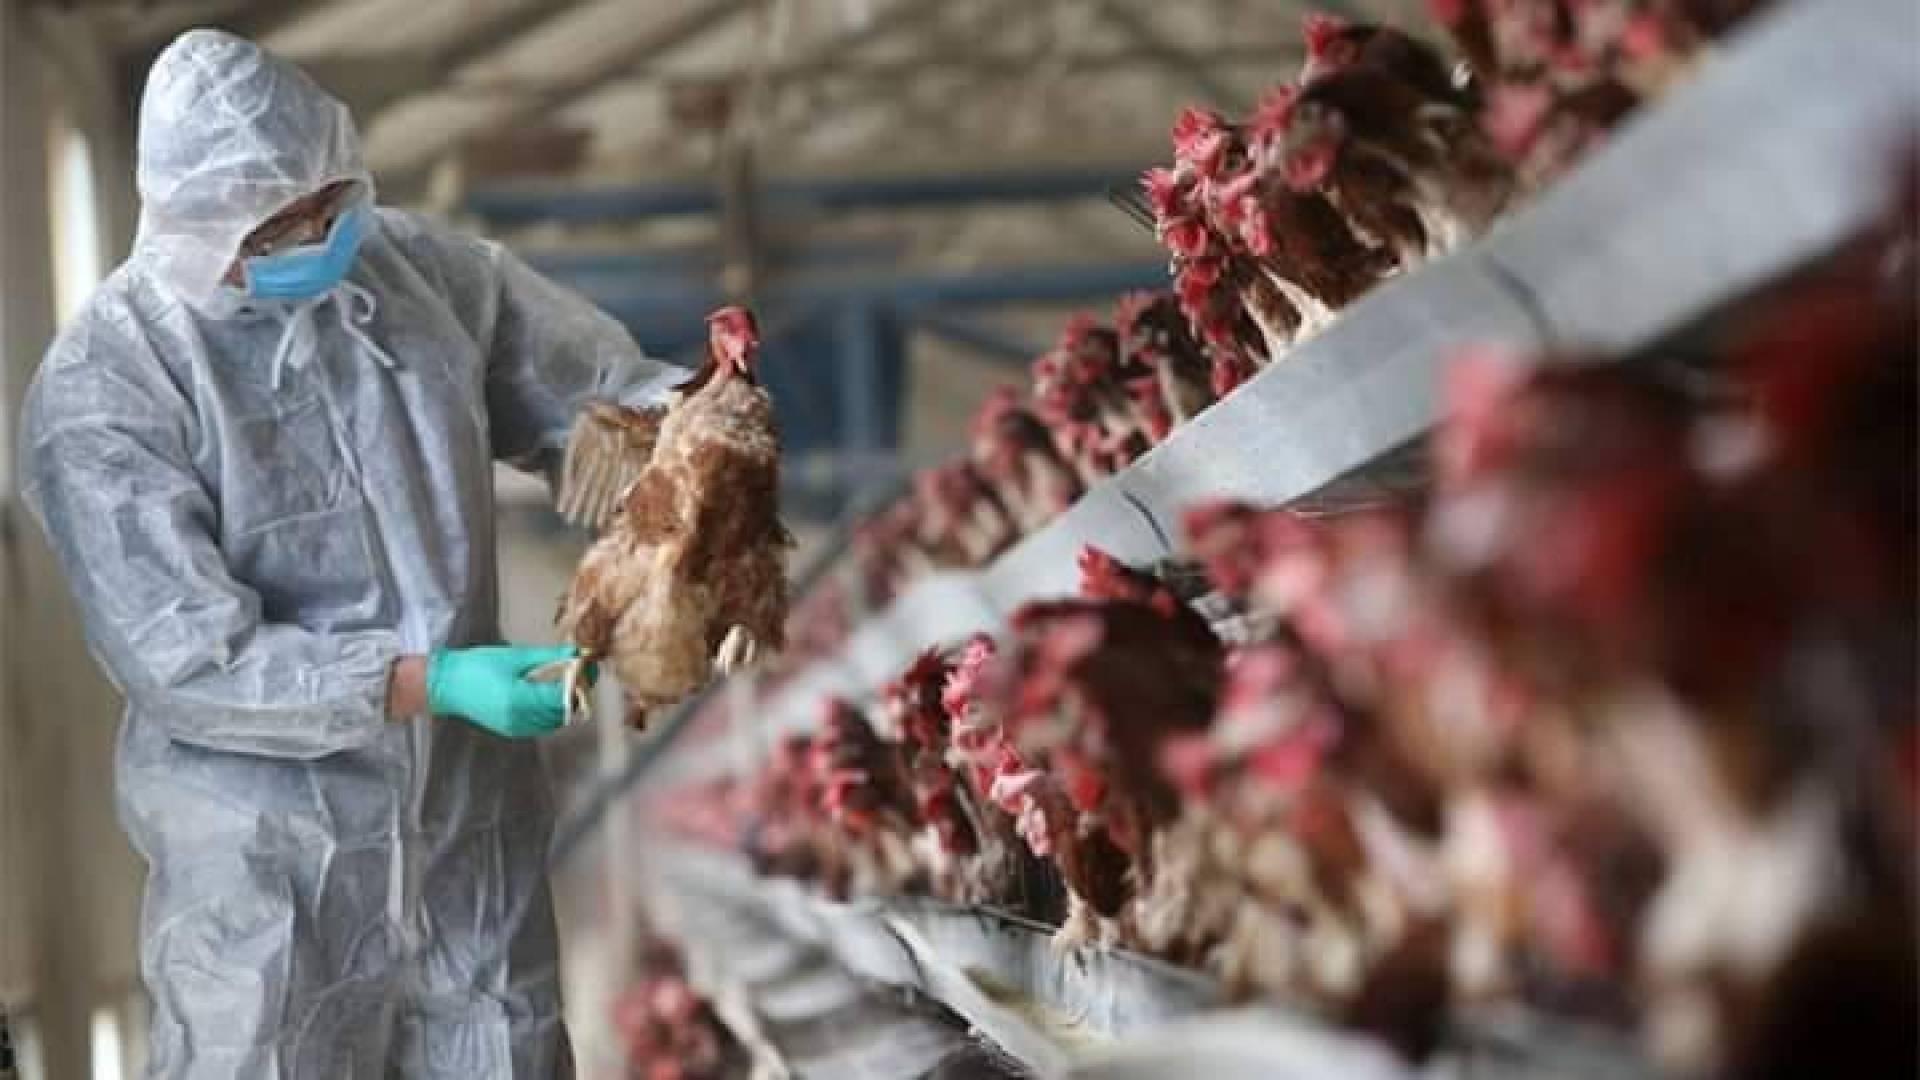 Trung Quốc phát hiện ổ dịch cúm A (H5N1) mới tại tỉnh Hồ Nam.